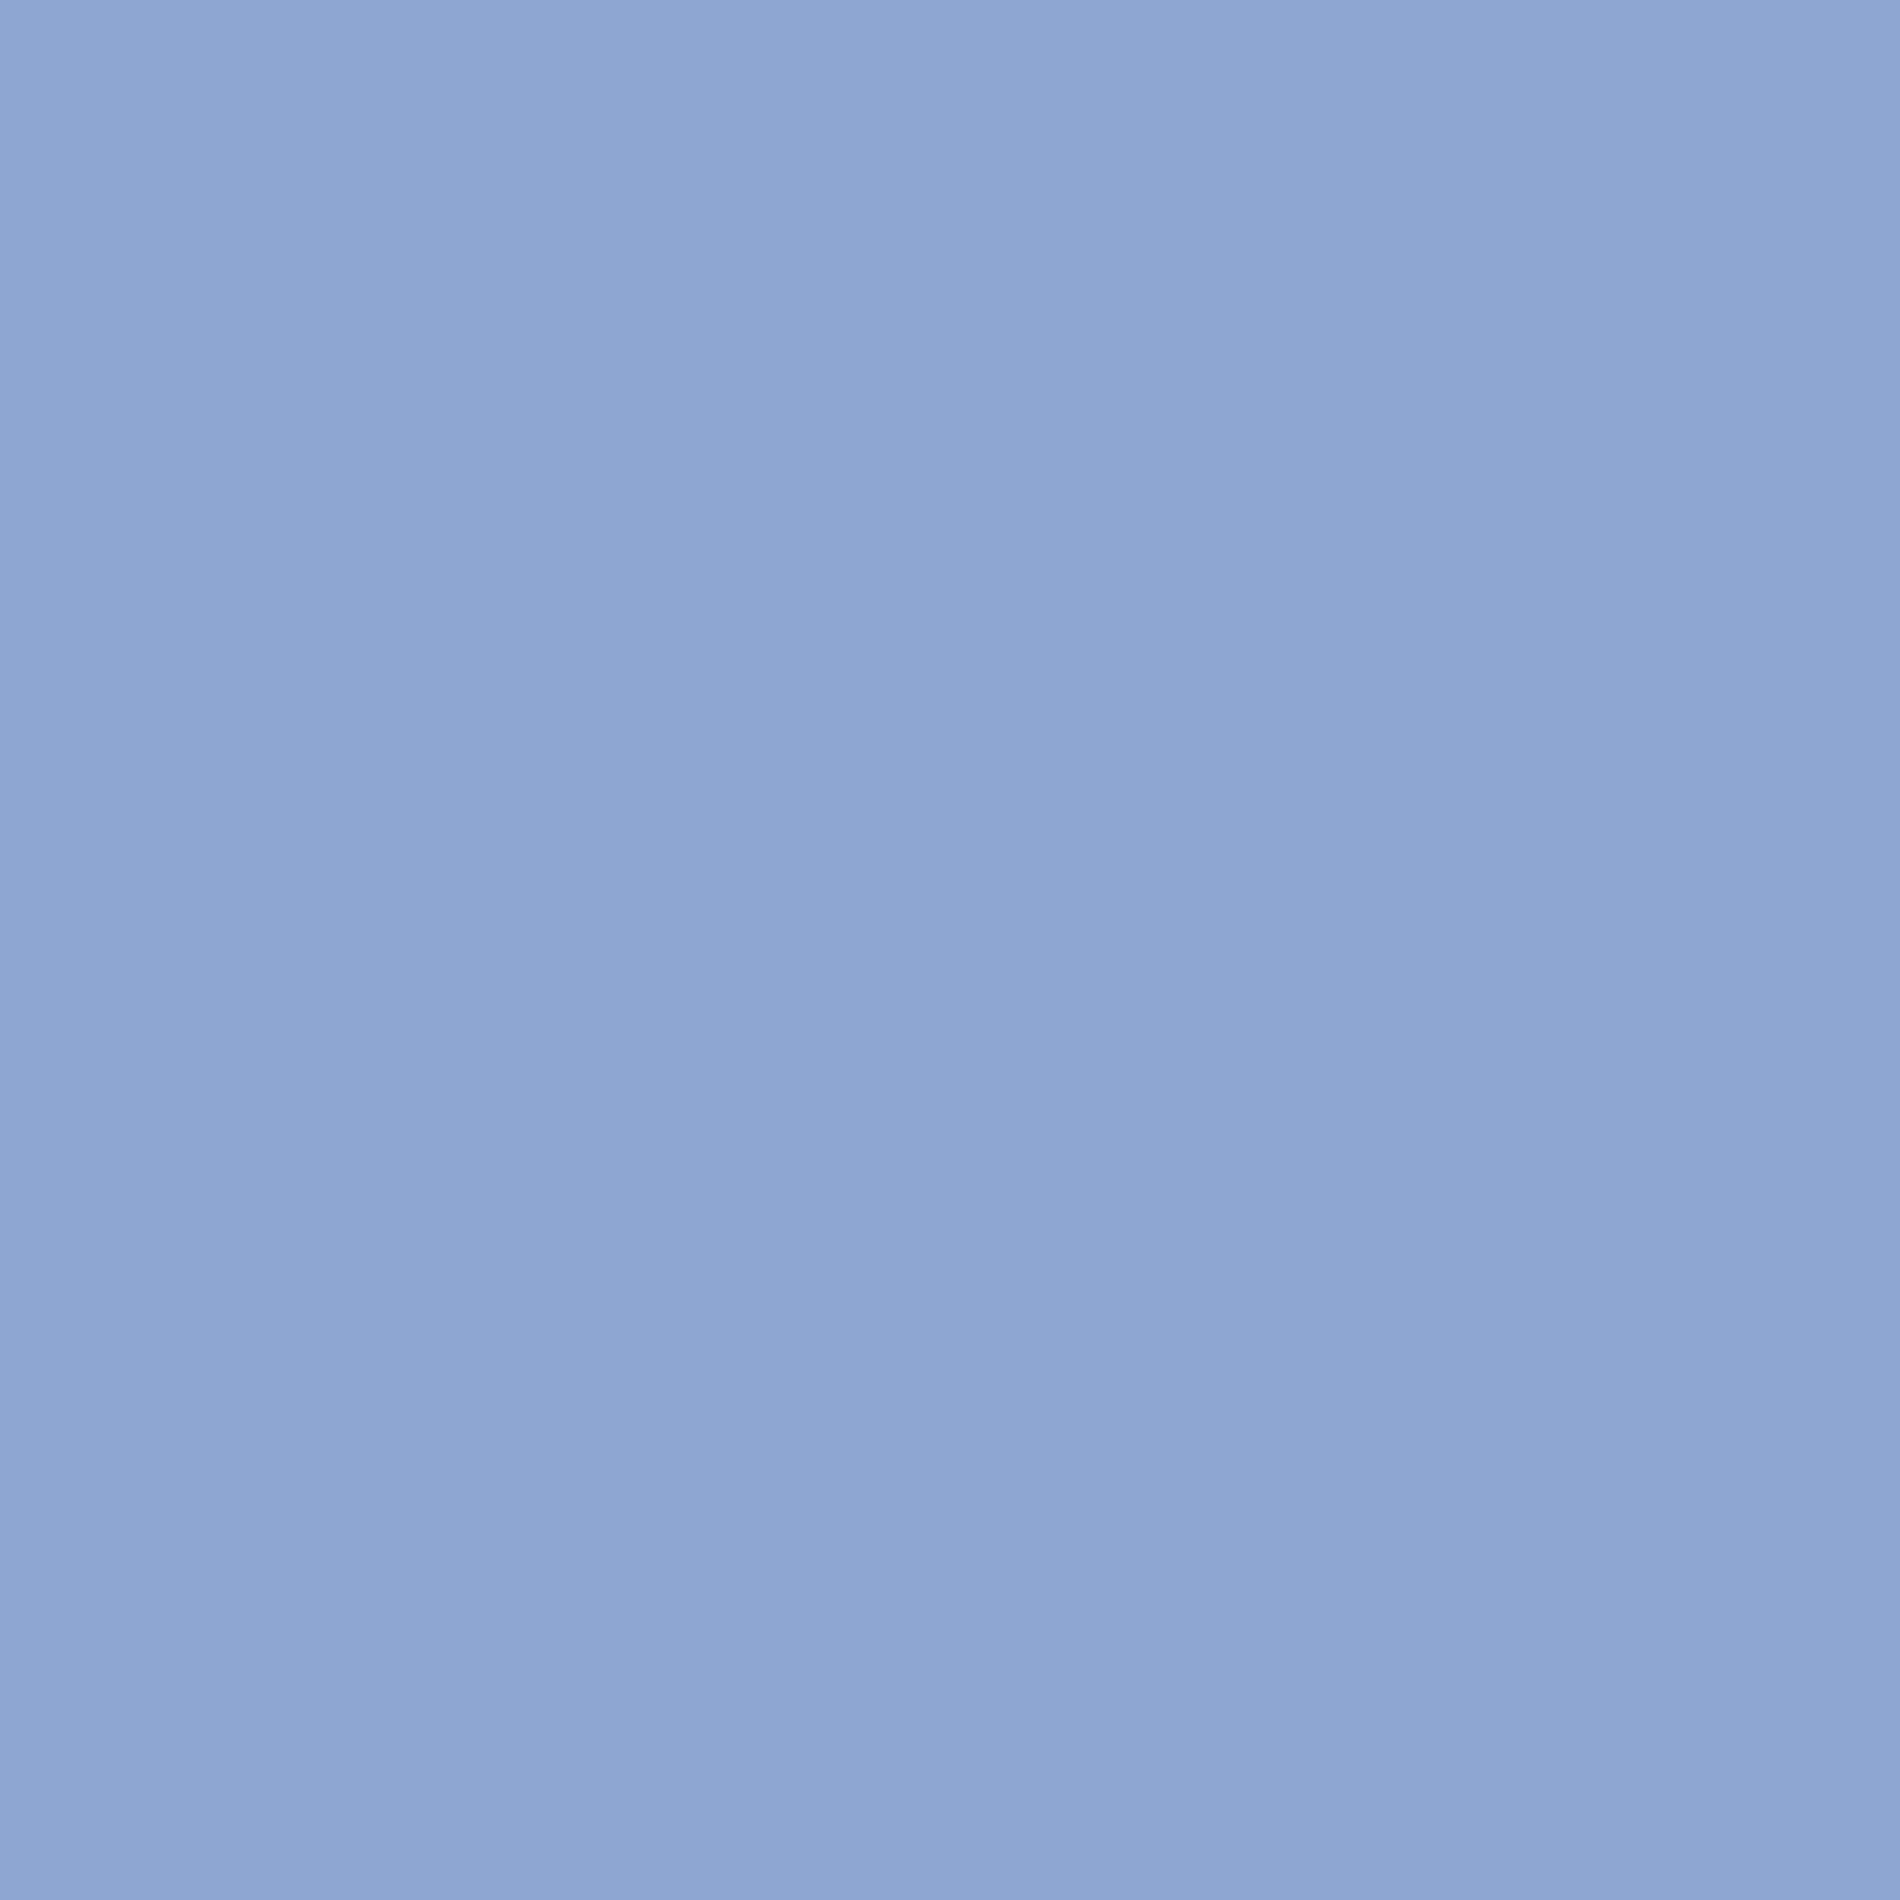 20 - dunkelblau